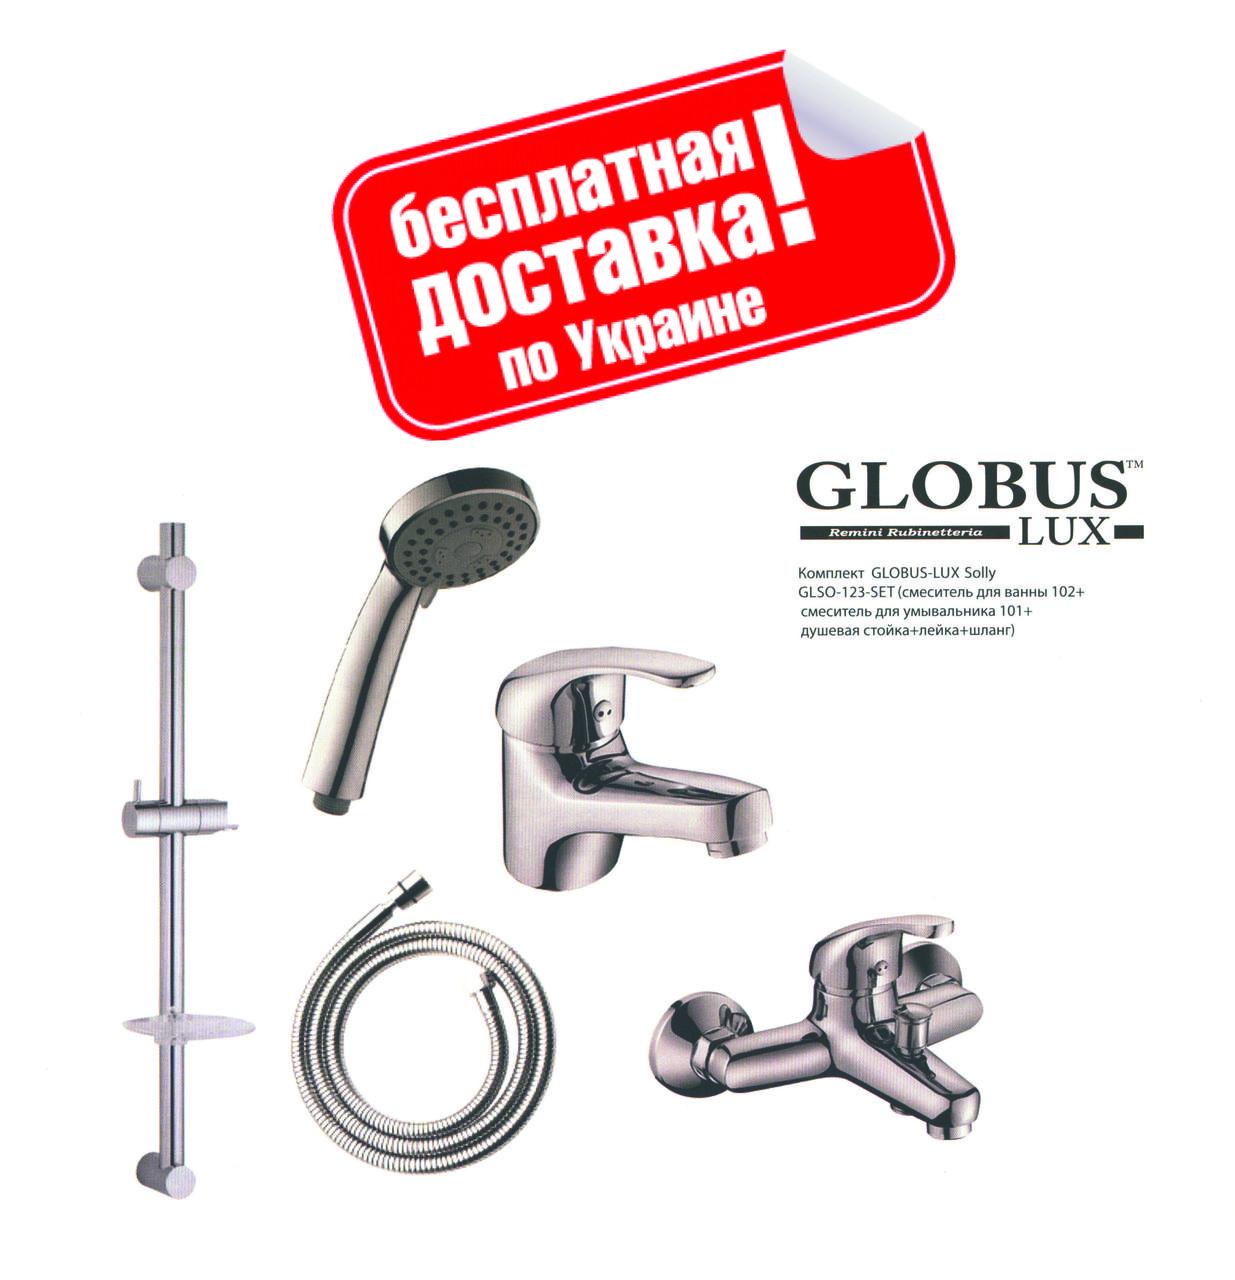 Душевой комплект Globus-Lux Solly GLSO-123-SET